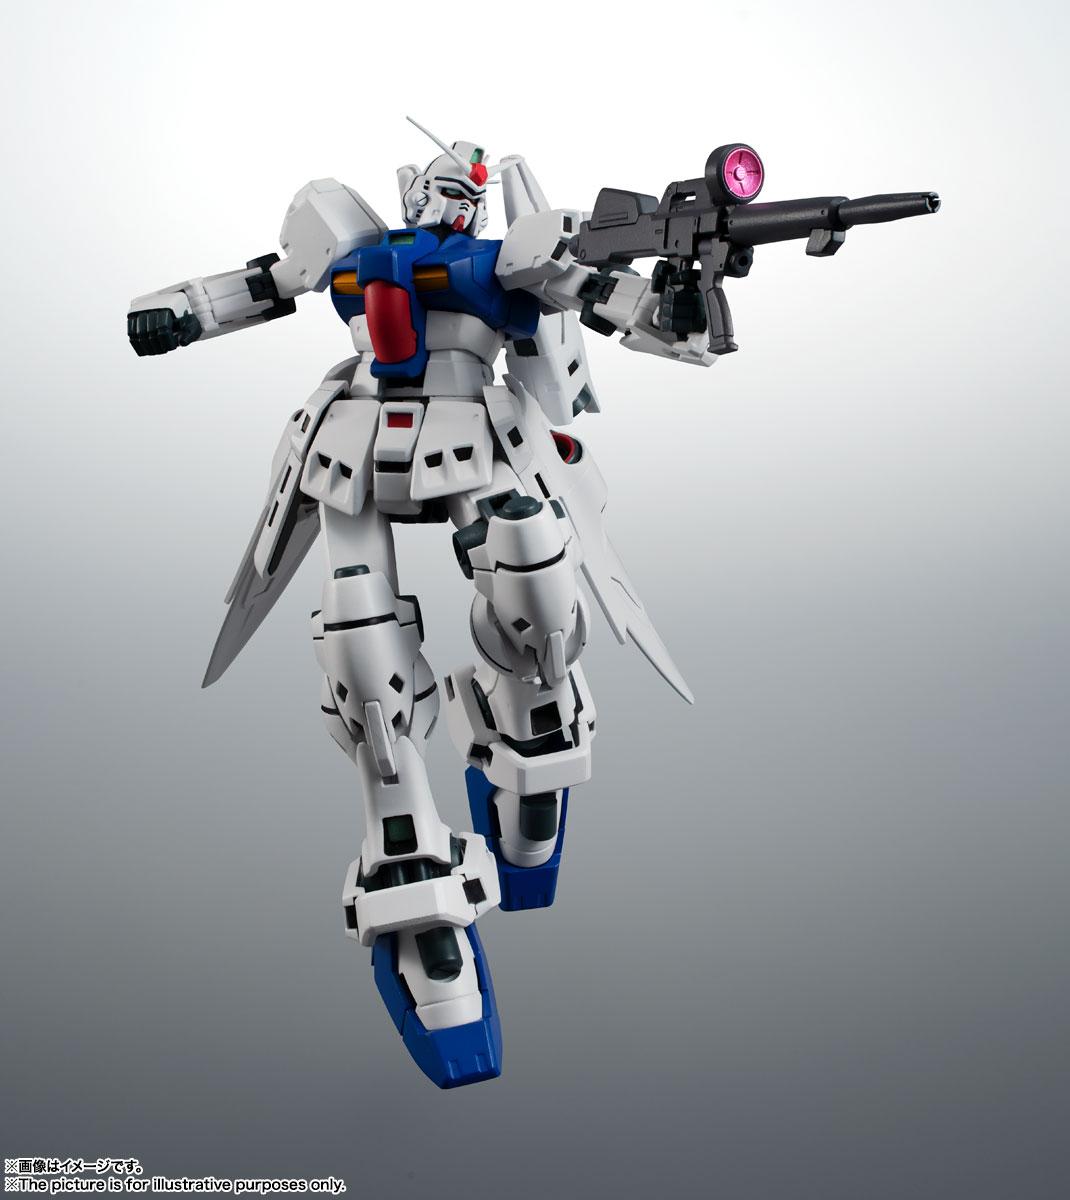 ROBOT魂〈SIDE MS〉『RX-78GP03S ガンダム試作3号機ステイメン ver. A.N.I.M.E.』機動戦士ガンダム0083 可動フィギュア-009